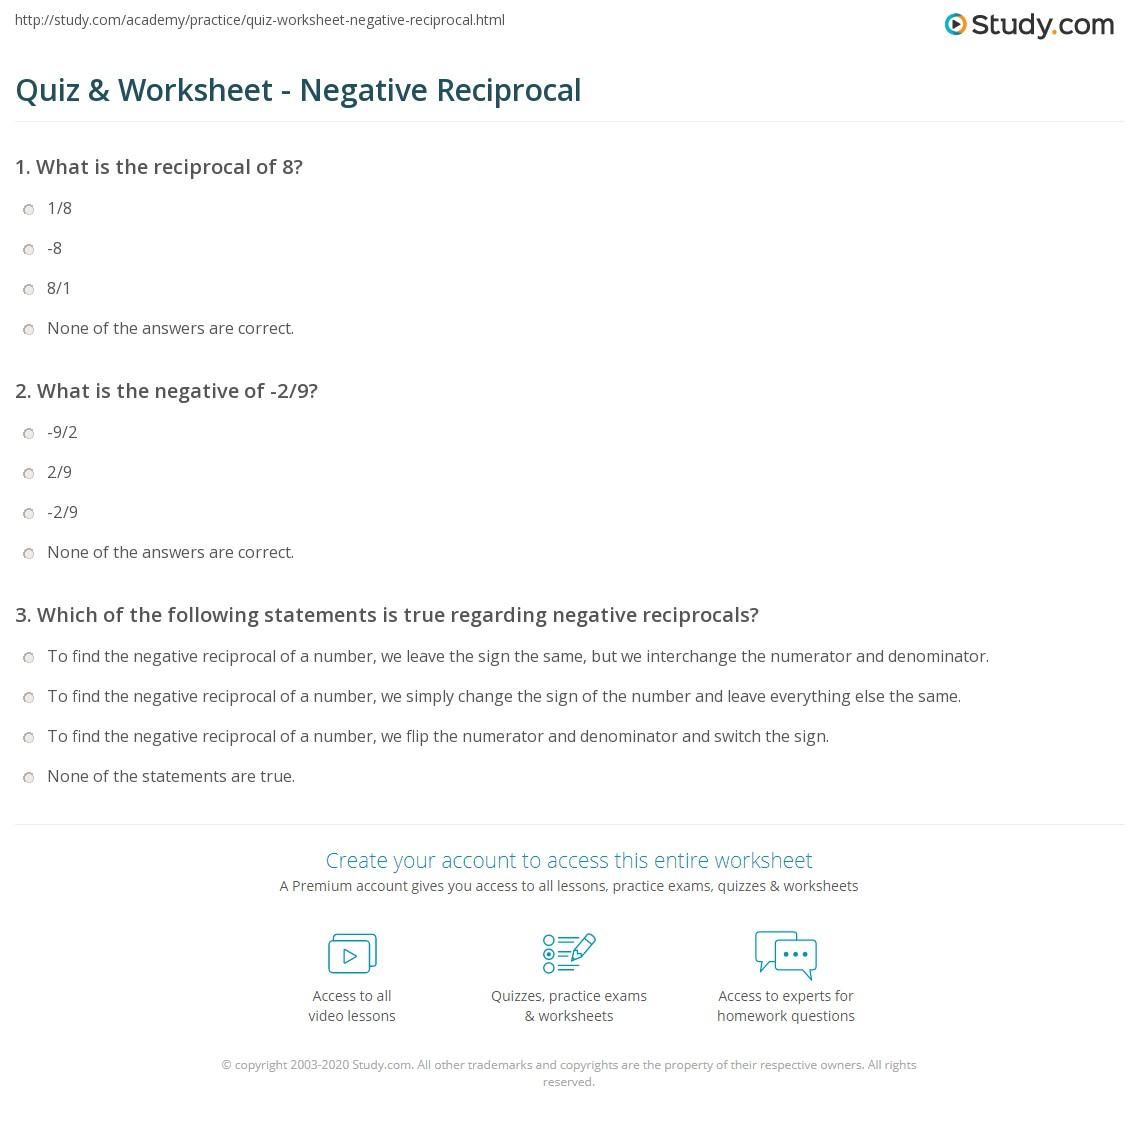 Quiz & Worksheet - Negative Reciprocal   Study.com